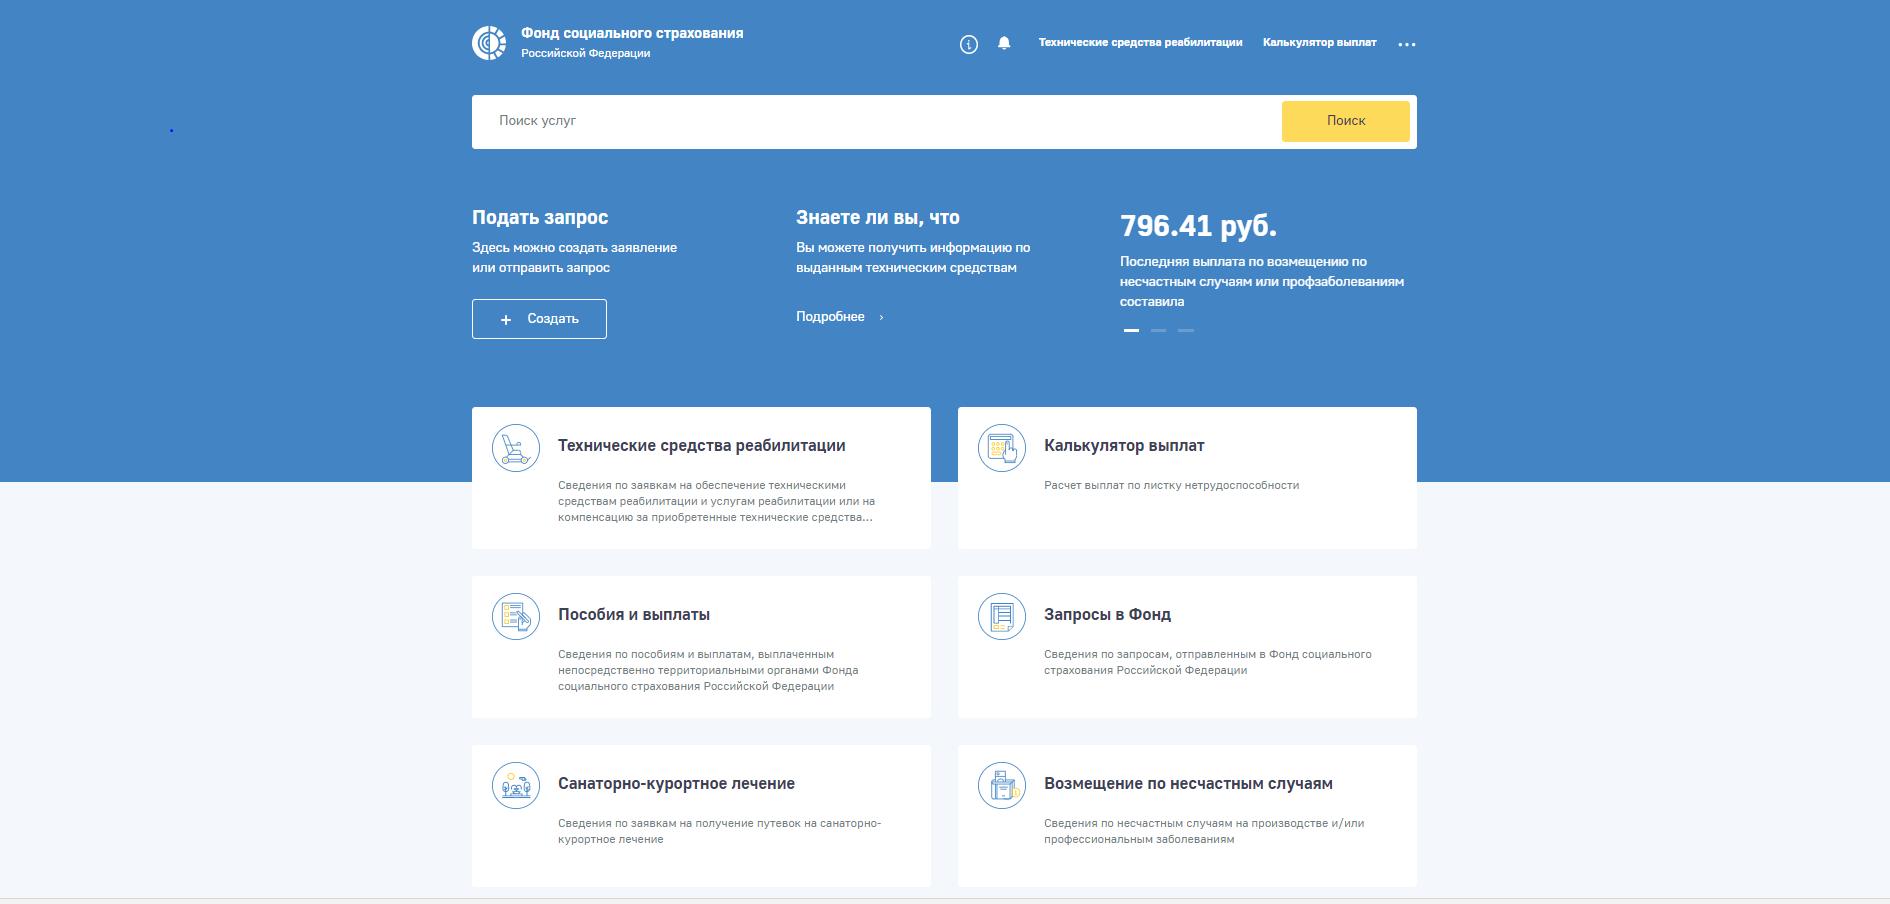 lichnyj-kabinet-fss%20%285%29.png